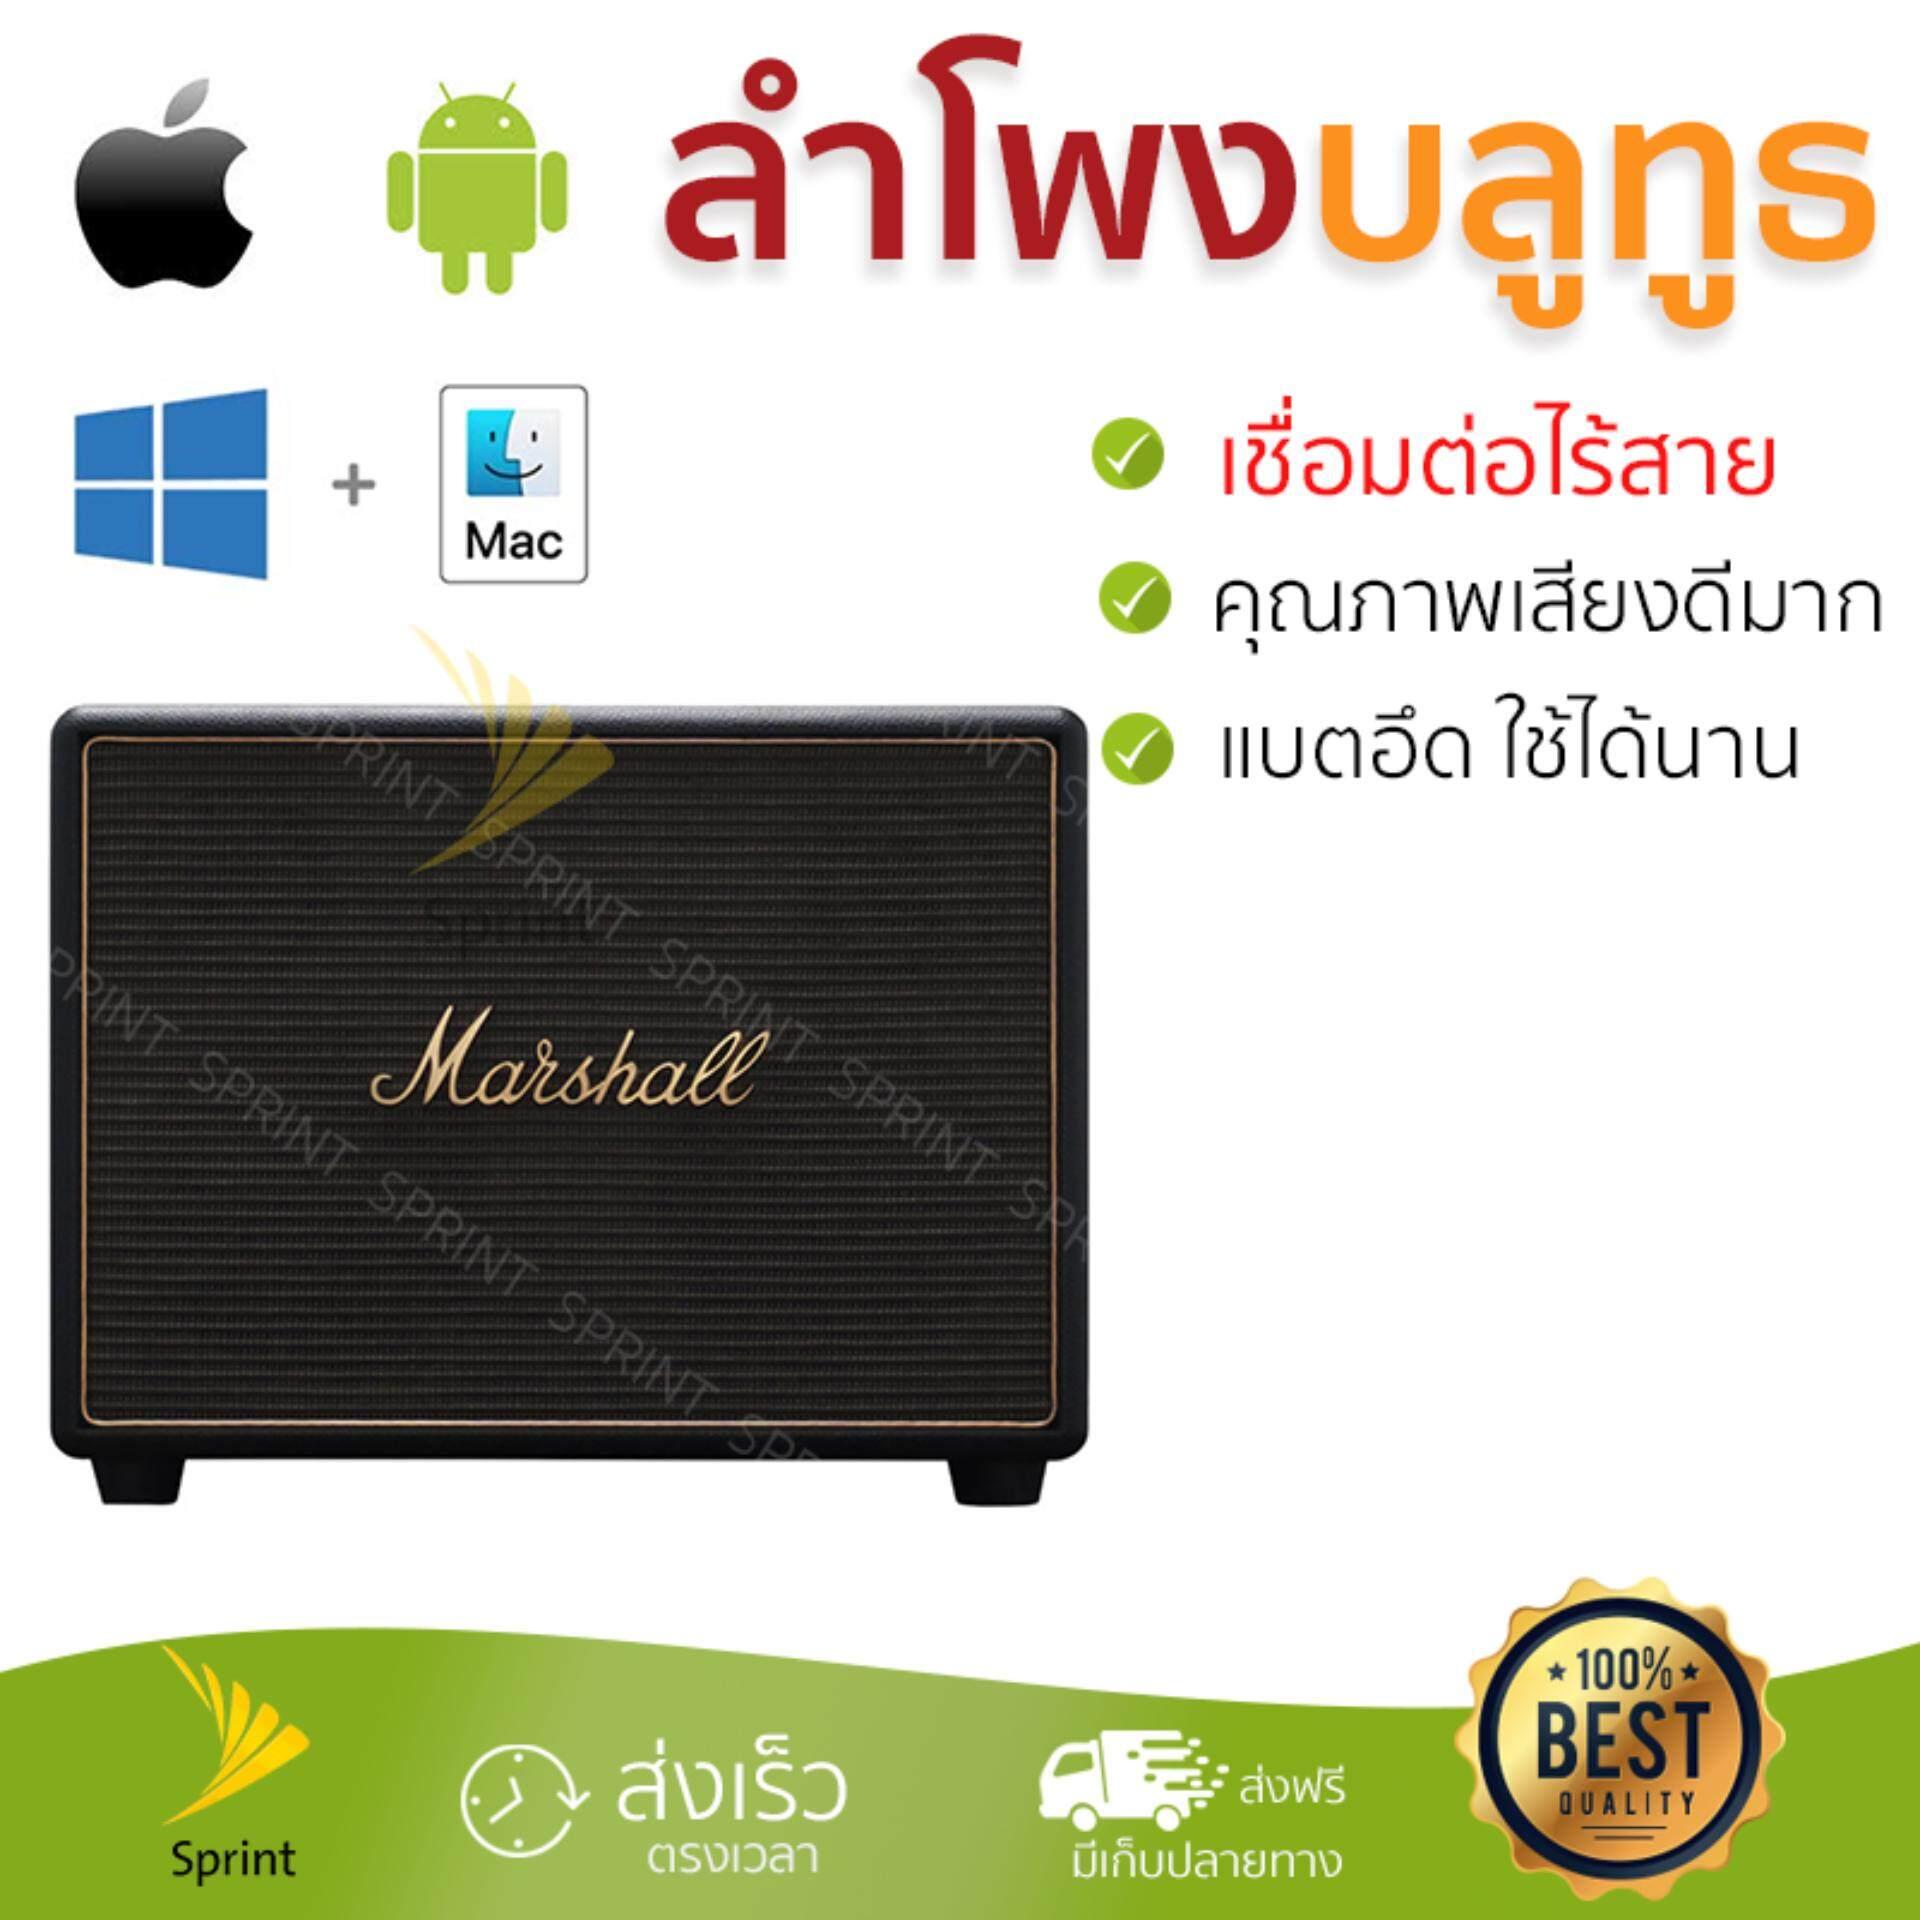 จัดส่งฟรี ลำโพงบลูทูธ  Marshall Bluetooth Speaker 2.1 Woburn Multi-Room Black เสียงใส คุณภาพเกินตัว Wireless Bluetooth Speaker รับประกัน 1 ปี